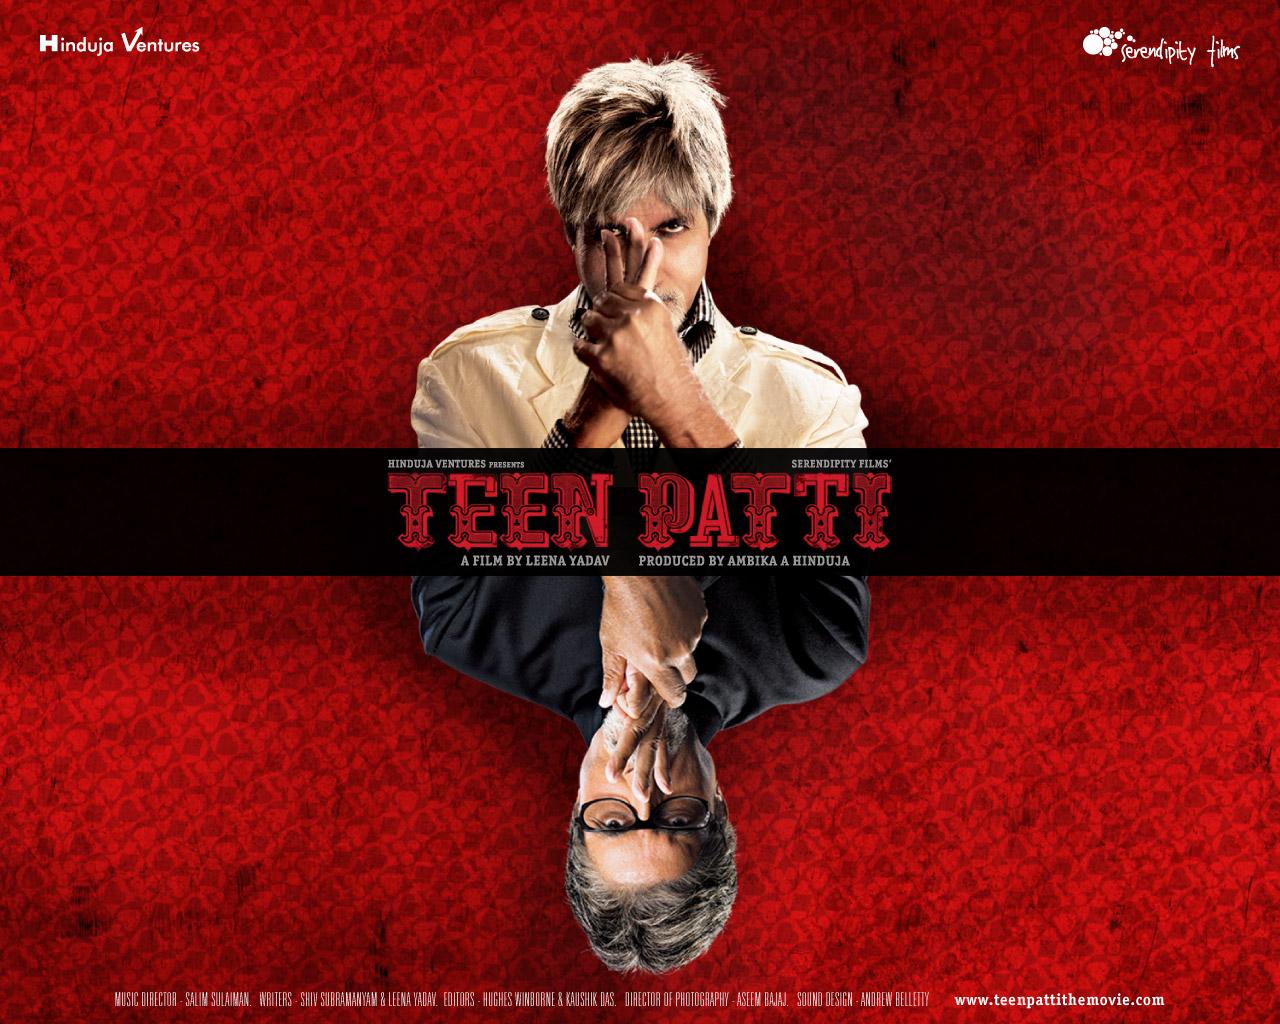 Teen patti orkut blog skip